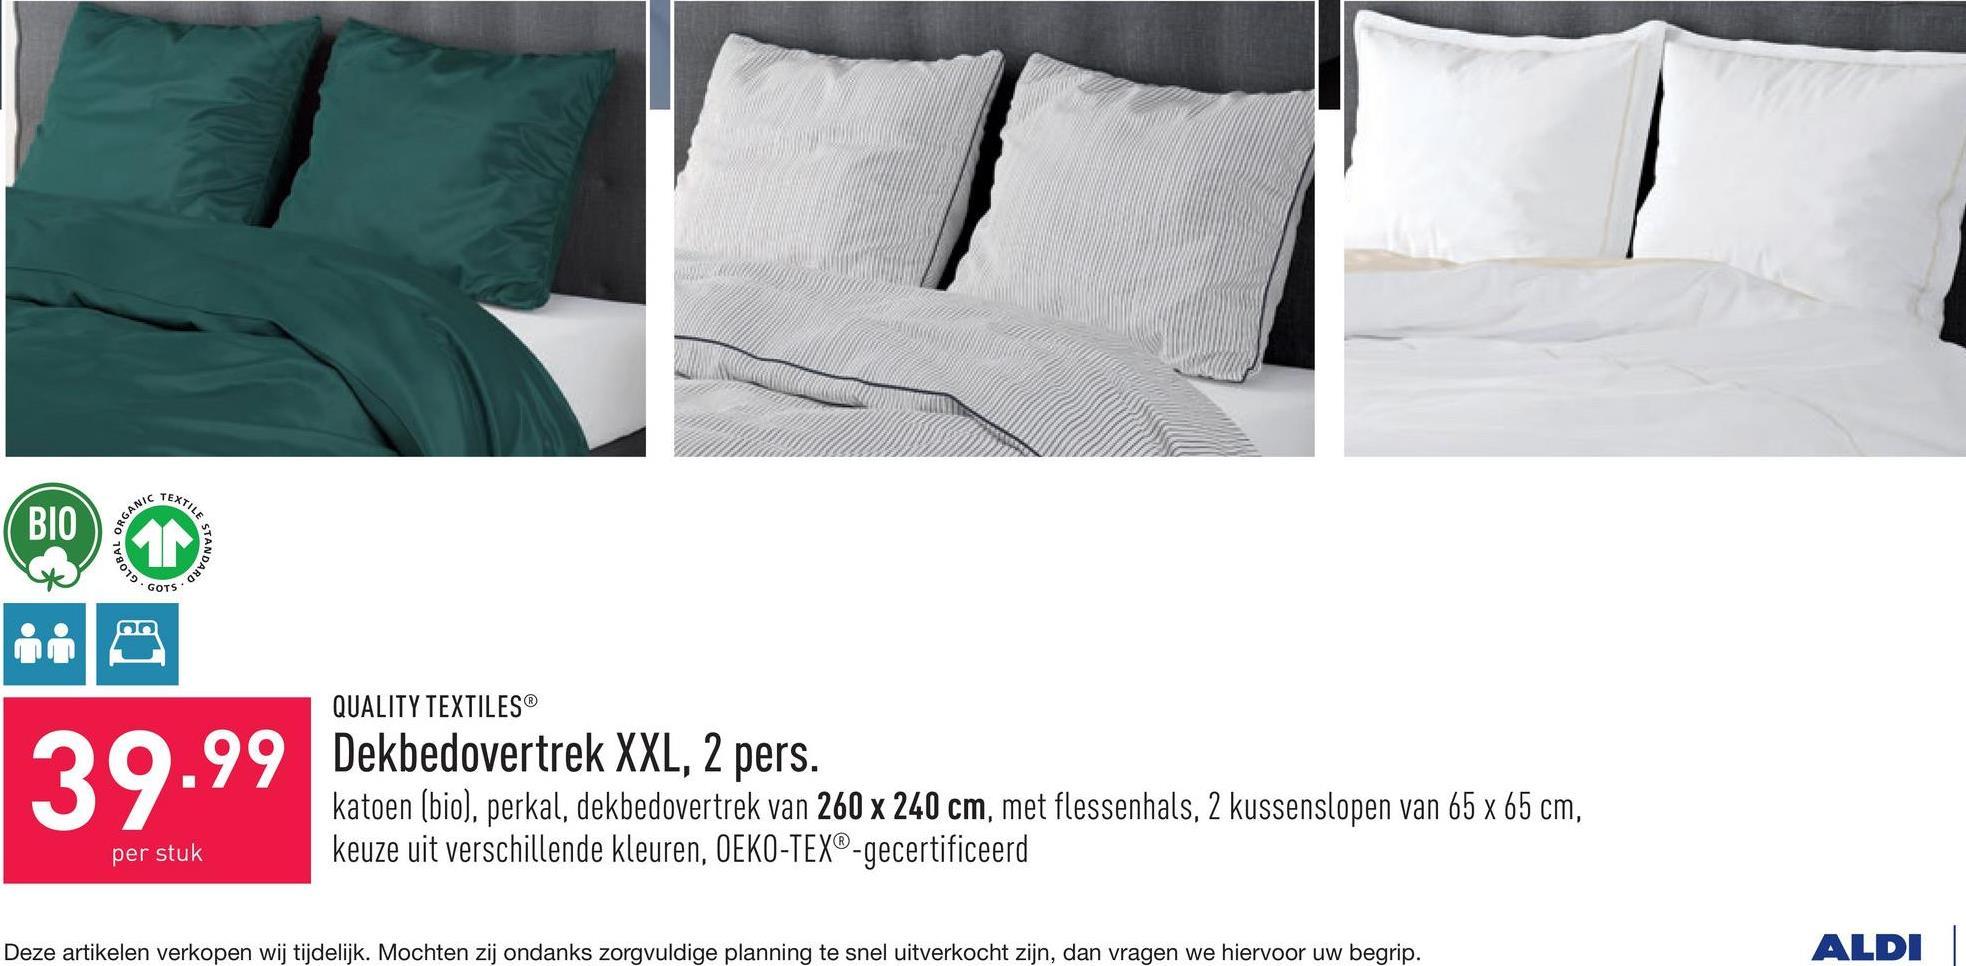 Dekbedovertrek XXL, 2 pers. katoen (bio), perkal, dekbedovertrek van 260 x 240 cm, met flessenhals, 2 kussenslopen van 65 x 65 cm, keuze uit verschillende kleuren, OEKO-TEX®-gecertificeerd